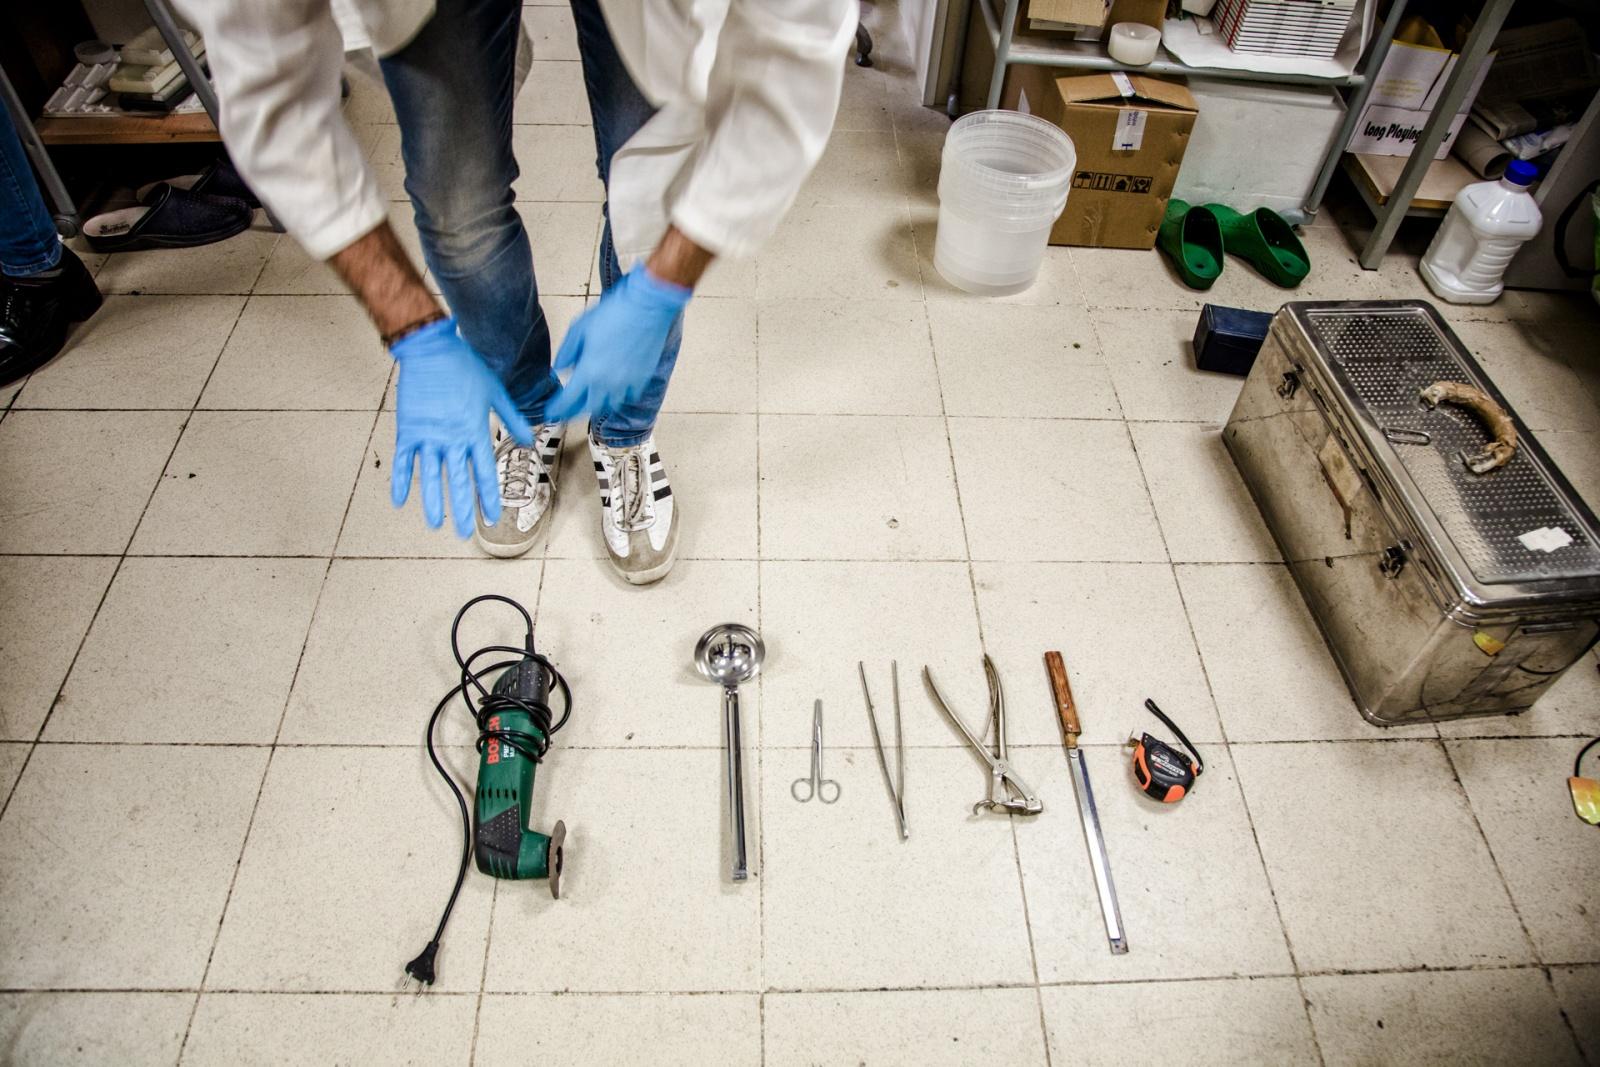 Daniele Darricello, tecnico d'autopsia del Policlinico di Palermo, mostra i suoi strumenti di lavoro. Il team del Policlinico è appositamente formato secondo le procedure DVI(Distaser Victims Identification),maggio 2016. © Max Hirzel.